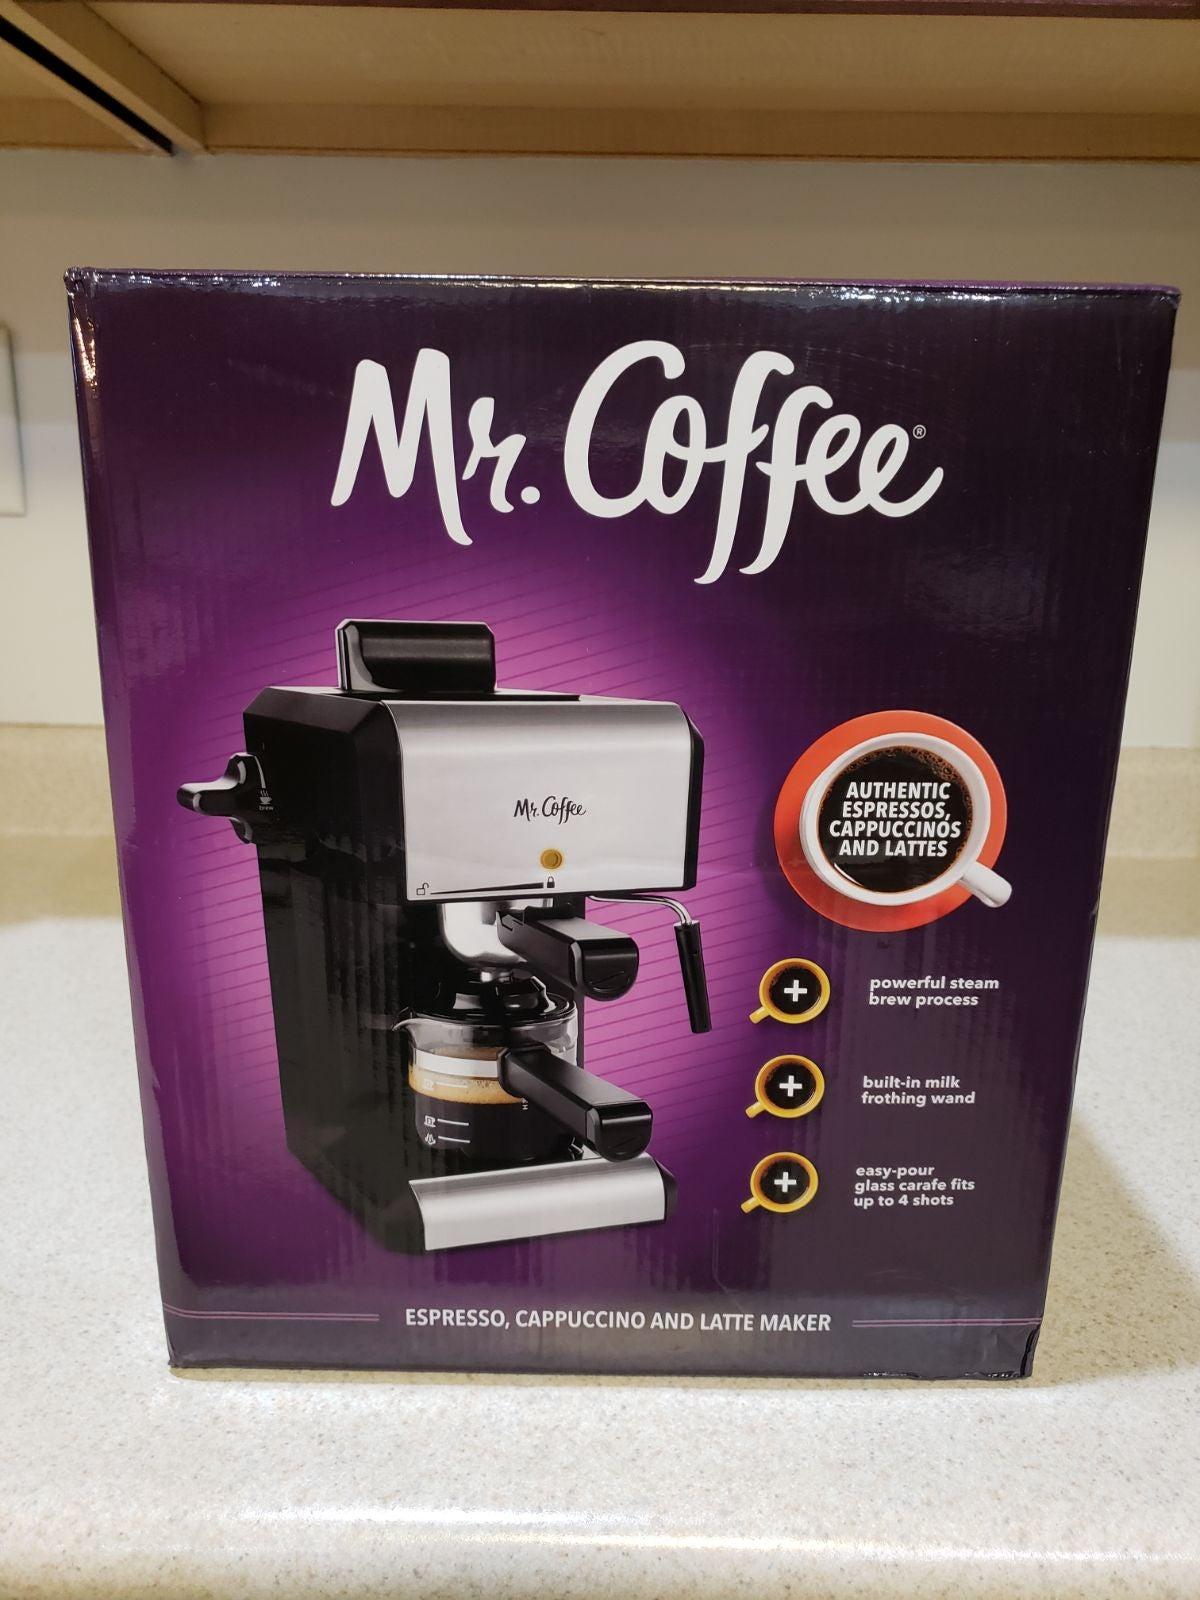 Mr Coffee Espresso, Cappuccino and Latte